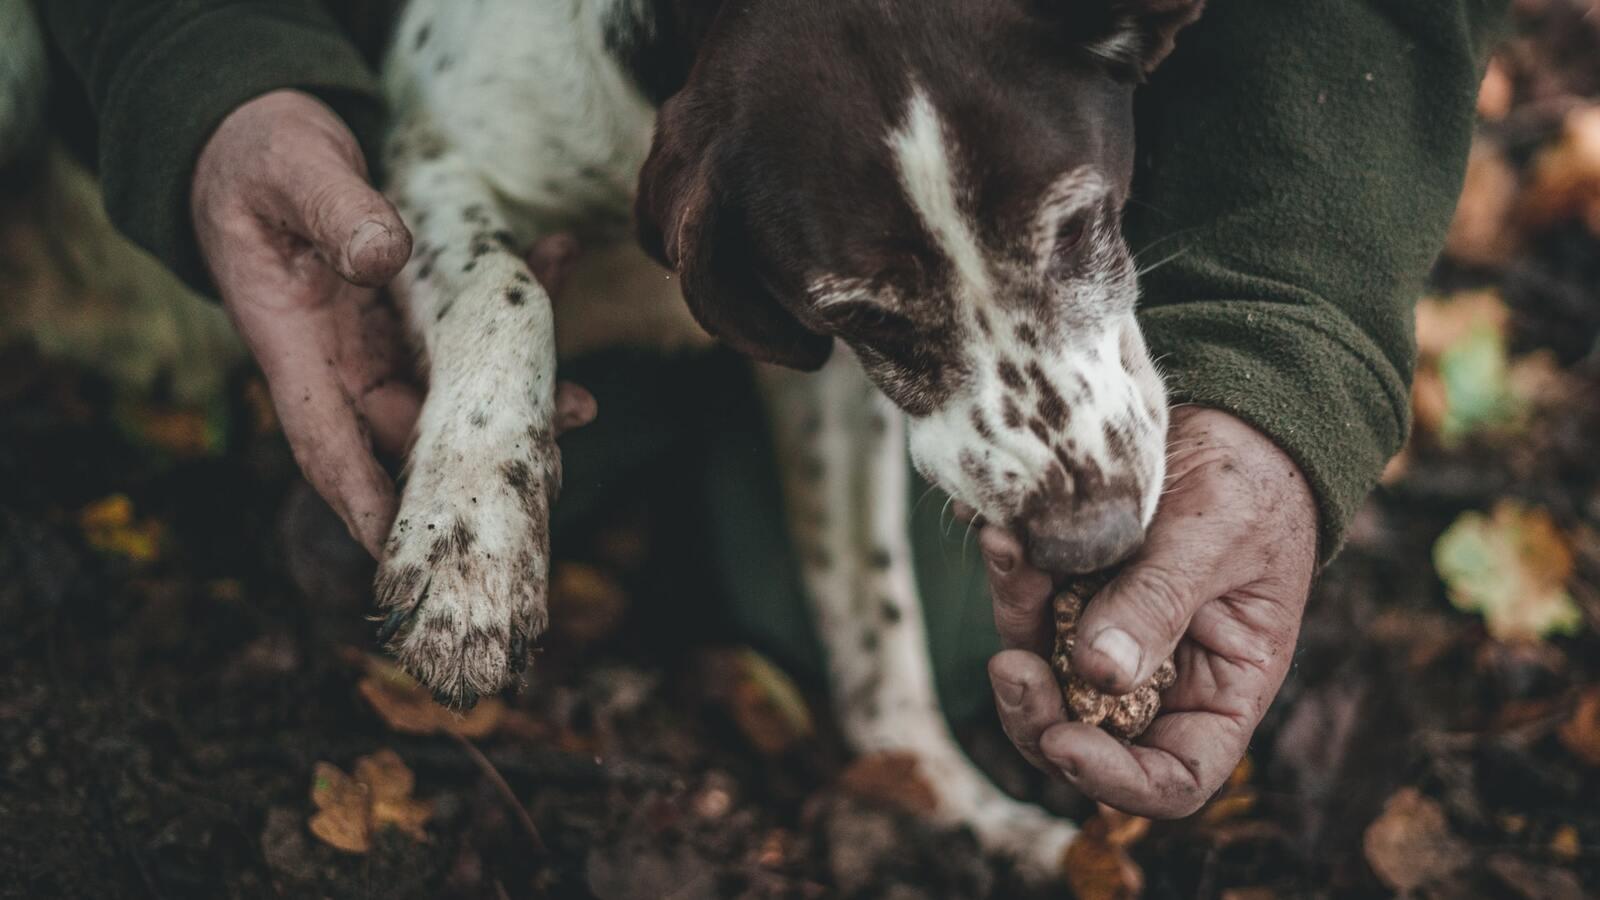 pies wąchający truflę trzymaną w męskiej dłoni